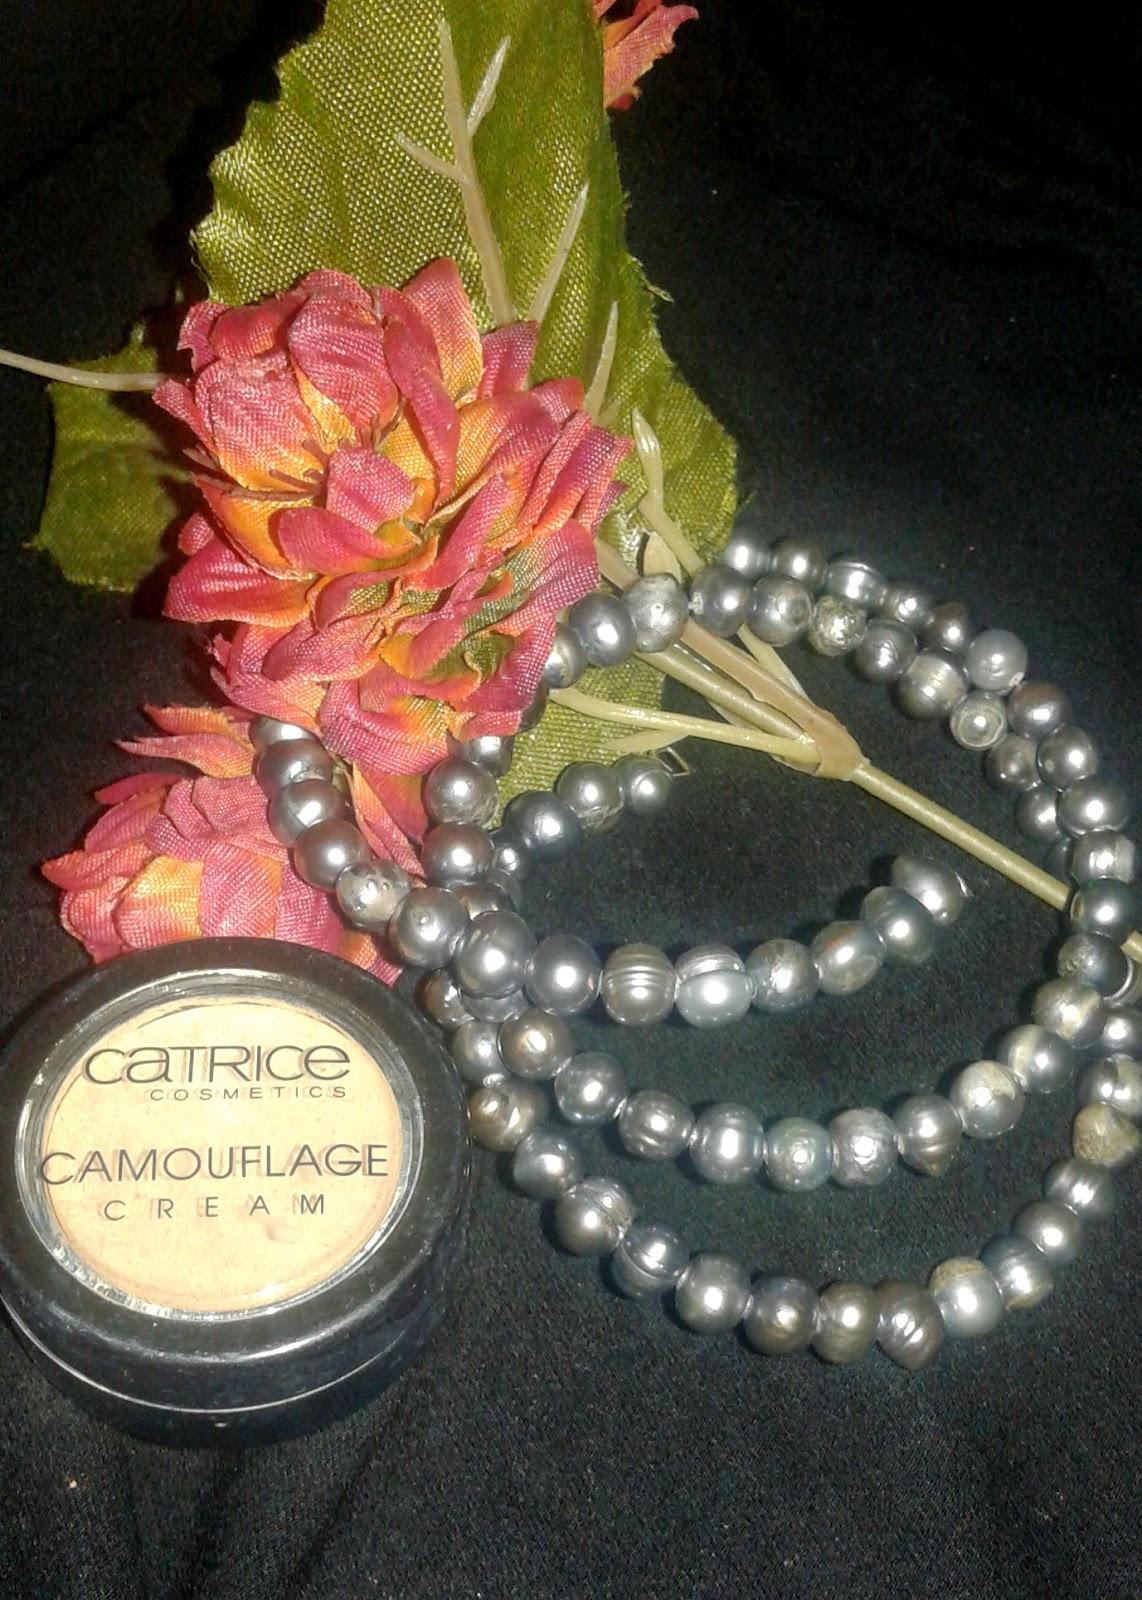 Top 10 kosmetyków... #9 Catrice Camuflage Cream